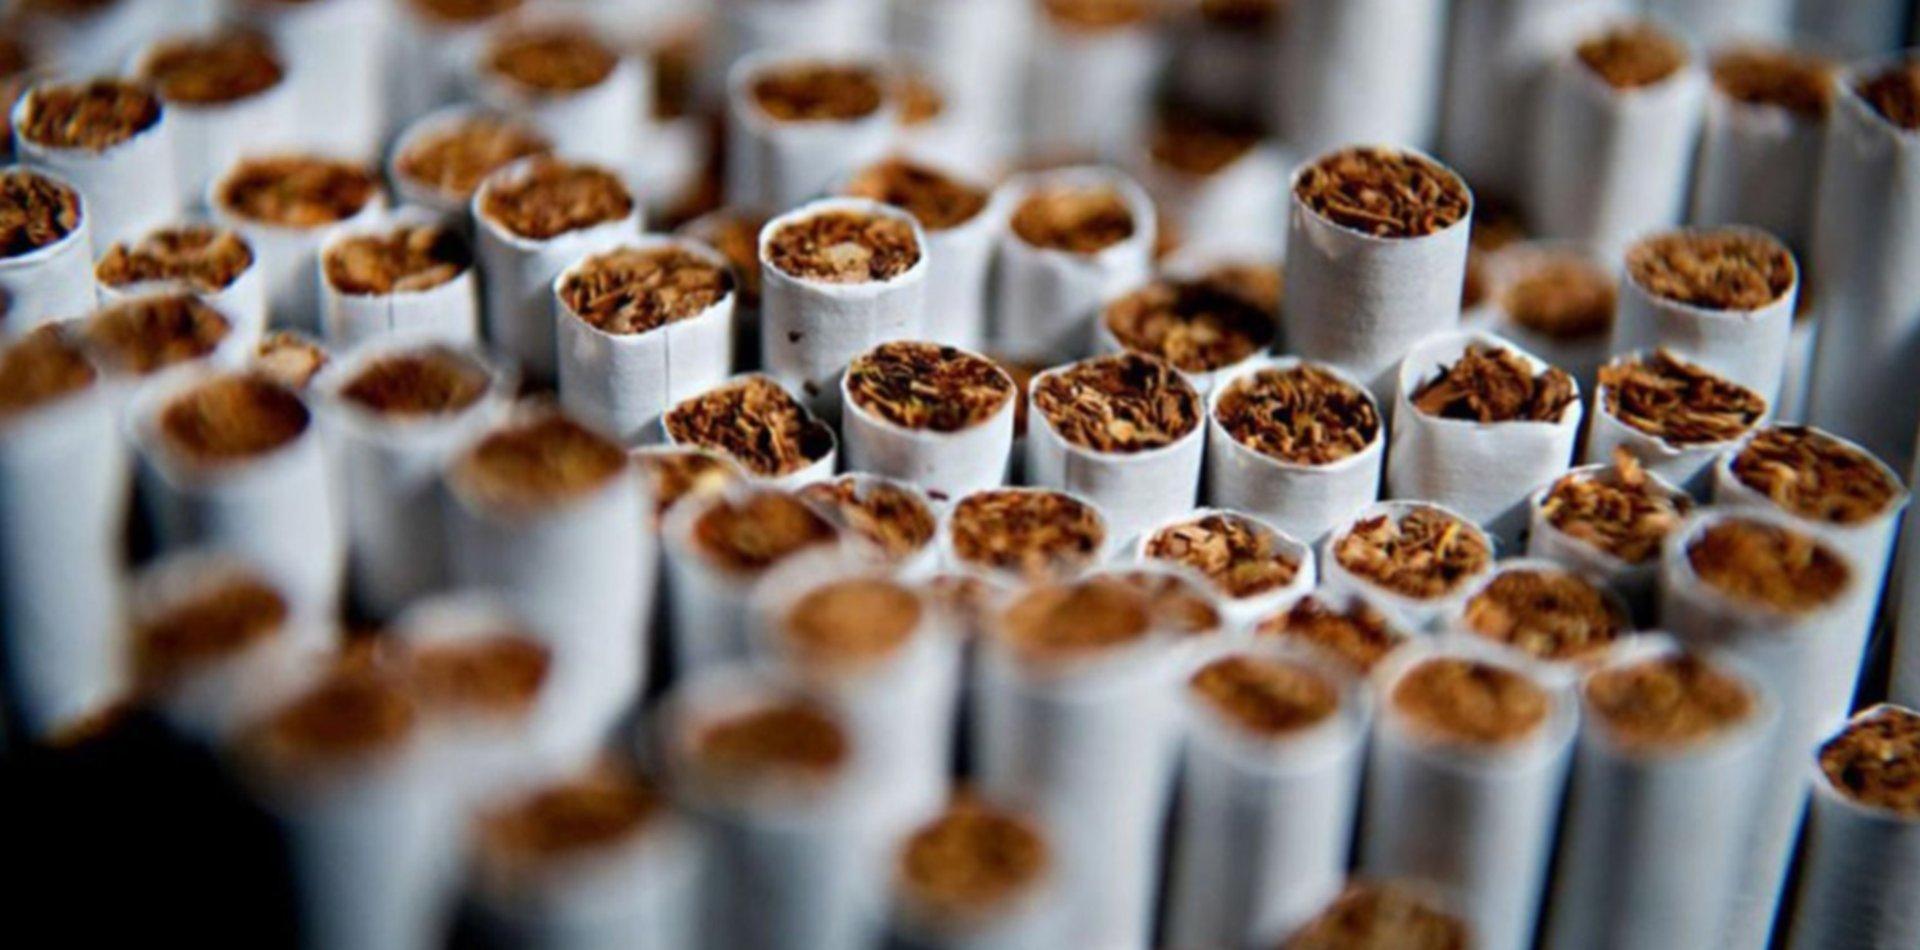 Advierten sobre el peligro de los deliverys de cigarrillos y la excesiva publicidad online